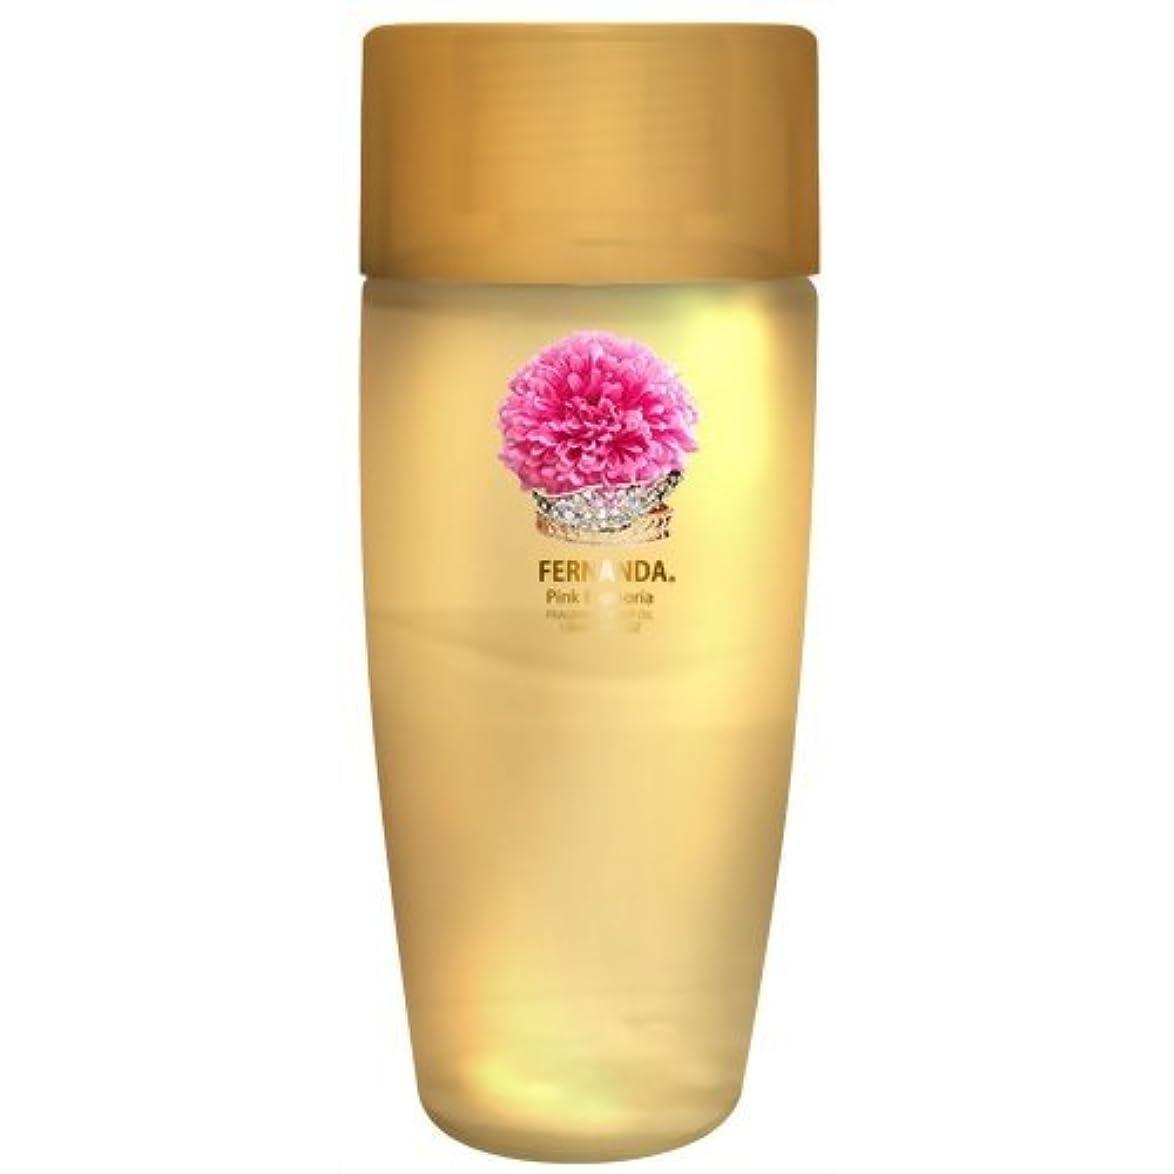 詩知っているに立ち寄るライオンFERNANDA(フェルナンダ) Body Oil Pink Euphoria (ボディ オイル ピンクエウフォリア)